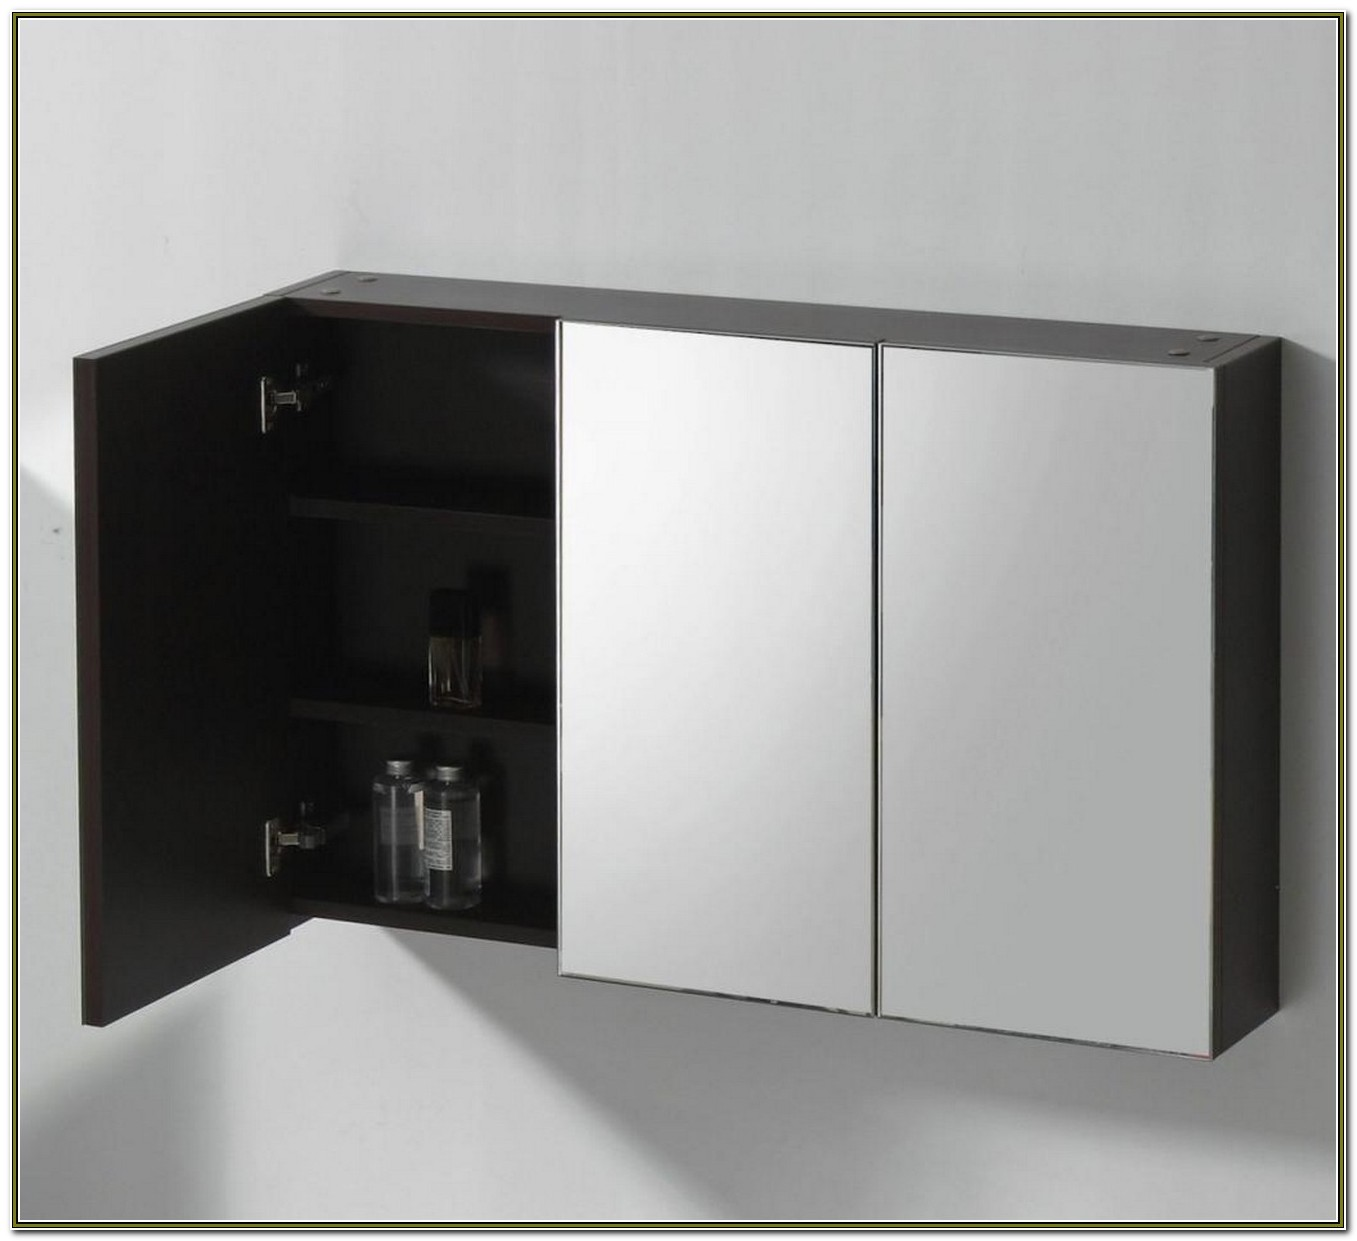 Gedy 3 Door Mirrored Bathroom Cabinet